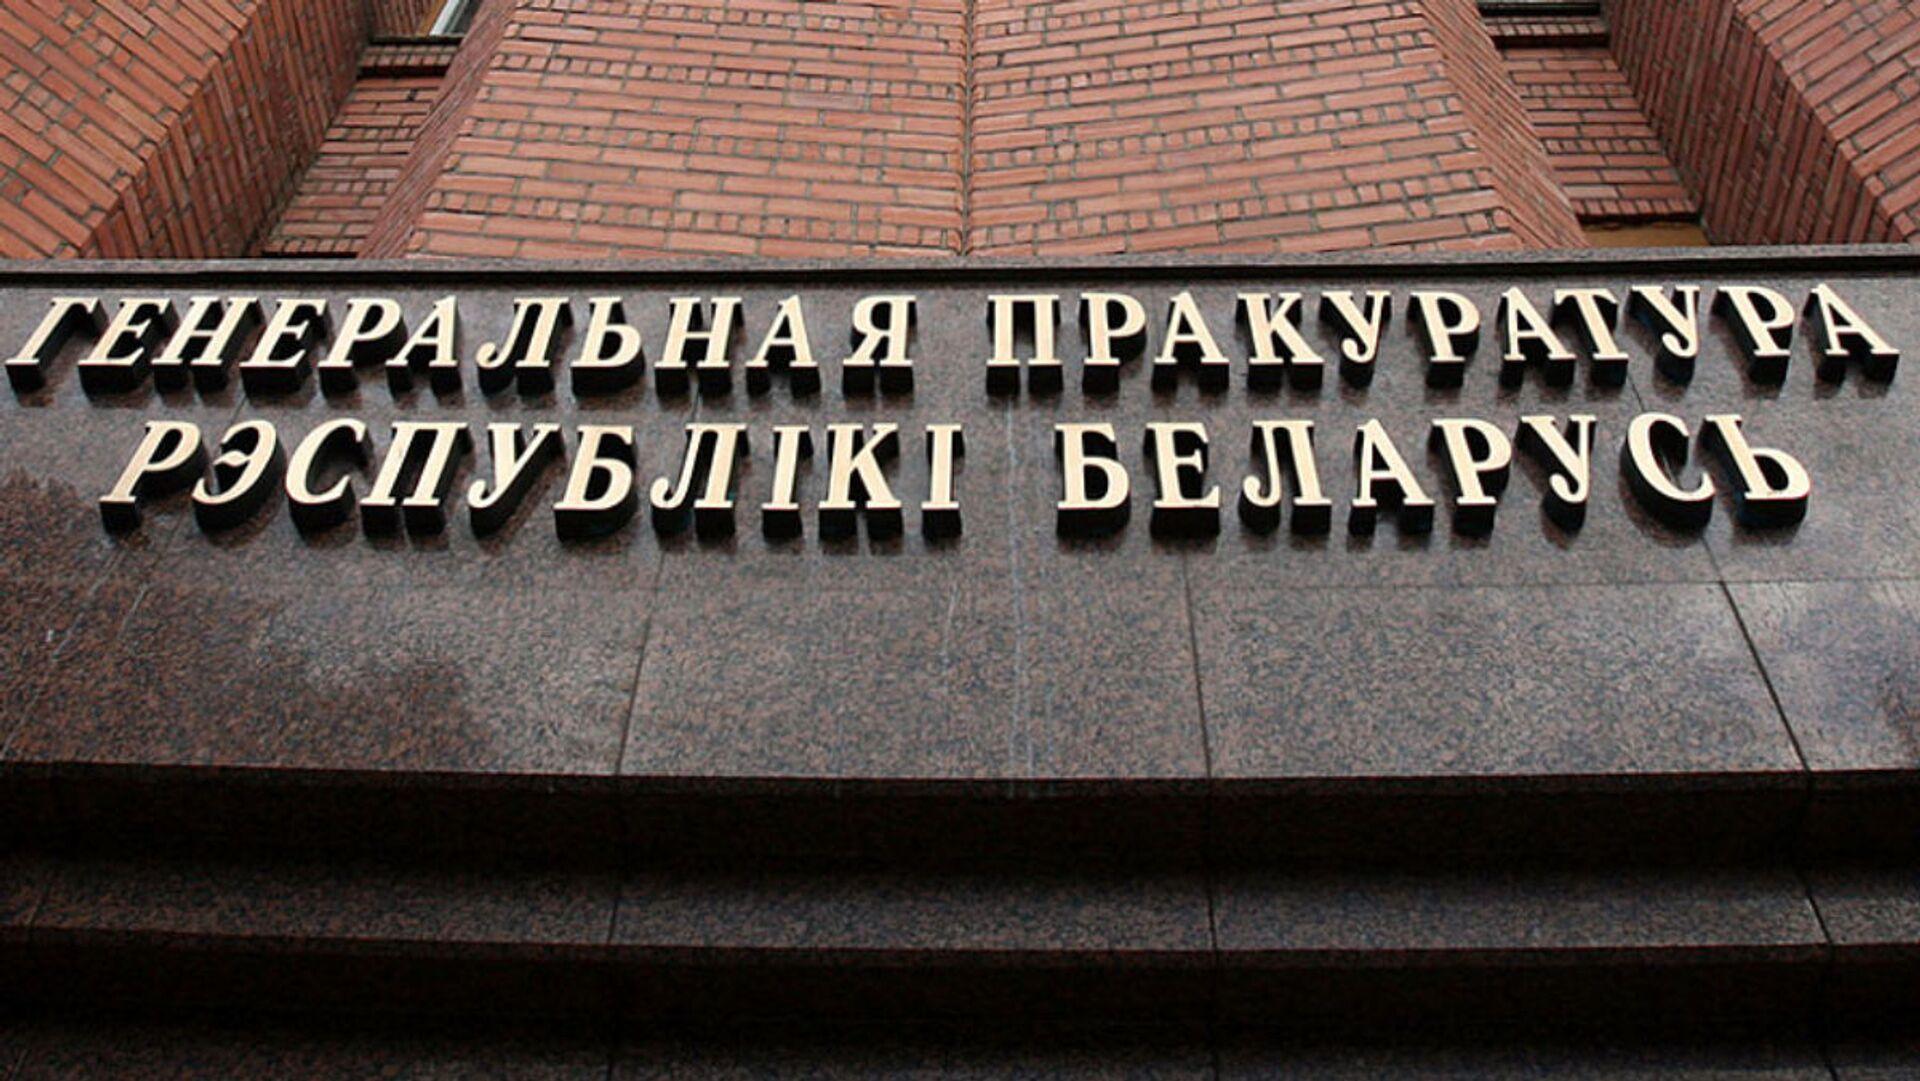 Генеральная прокуратура Беларуси - Sputnik Беларусь, 1920, 22.09.2021